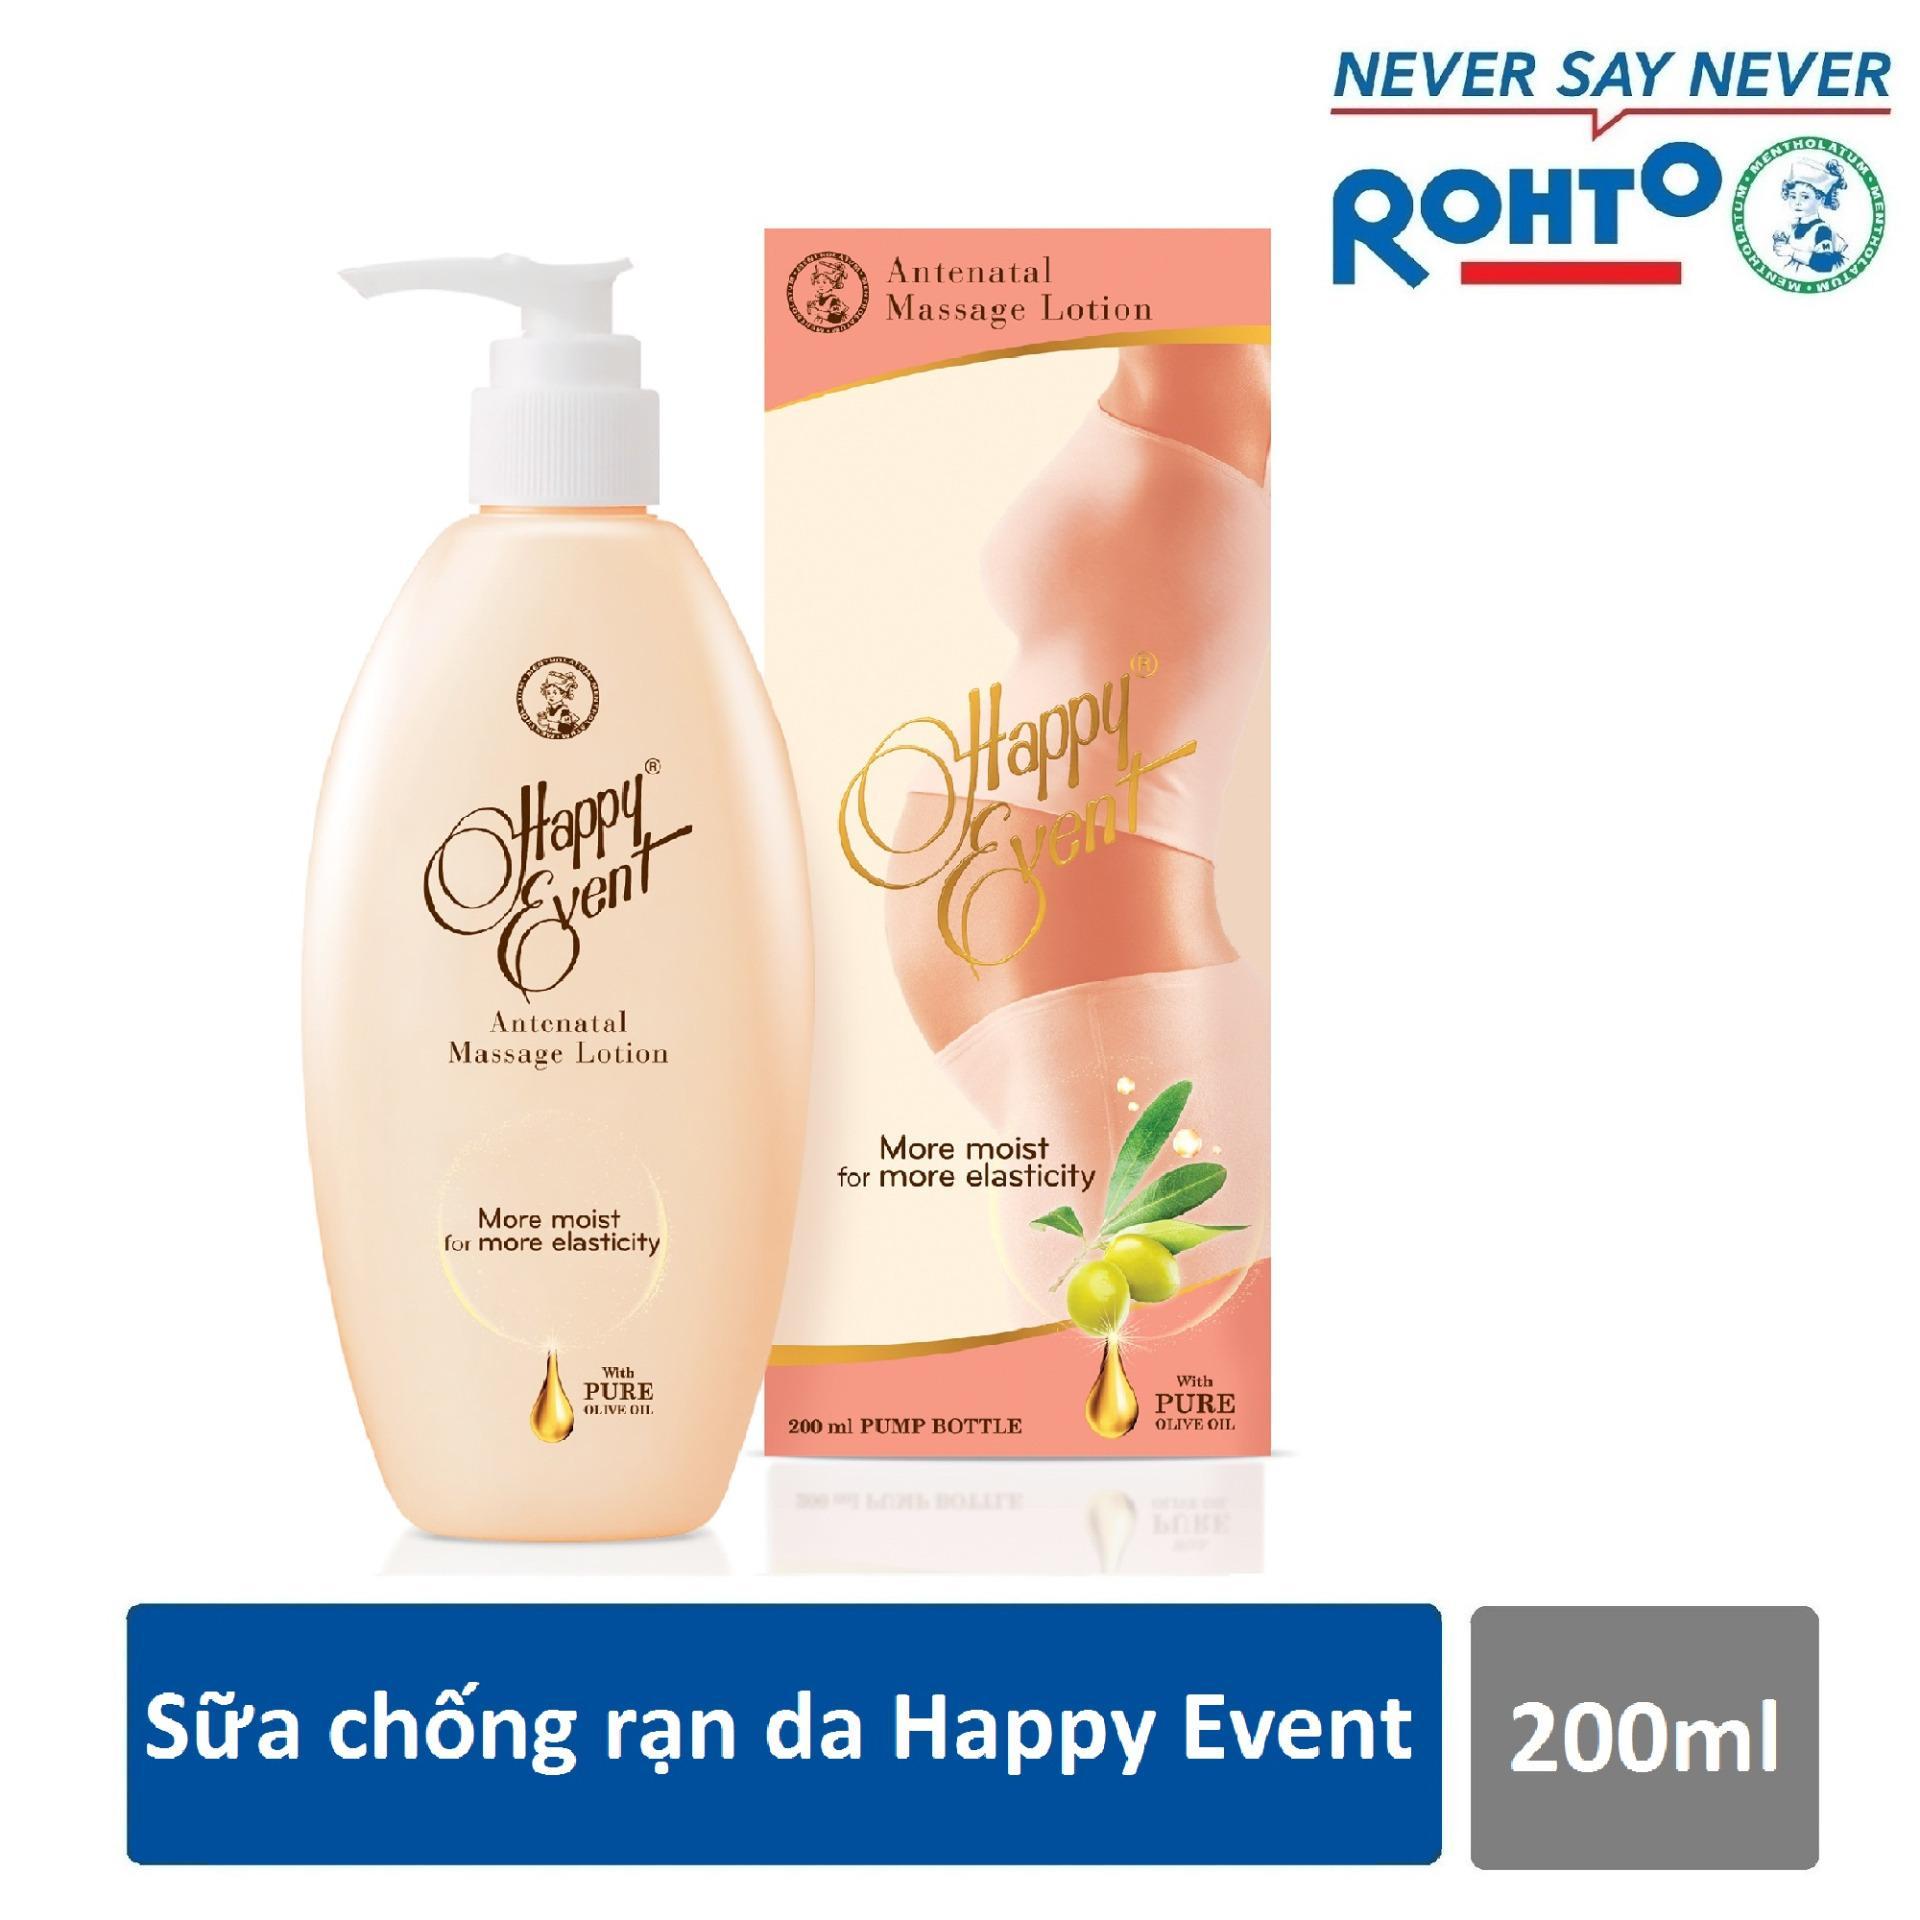 Sữa chống rạn da Happy Event 200ml - Cơ hội trúng giải thưởng 20 triệu